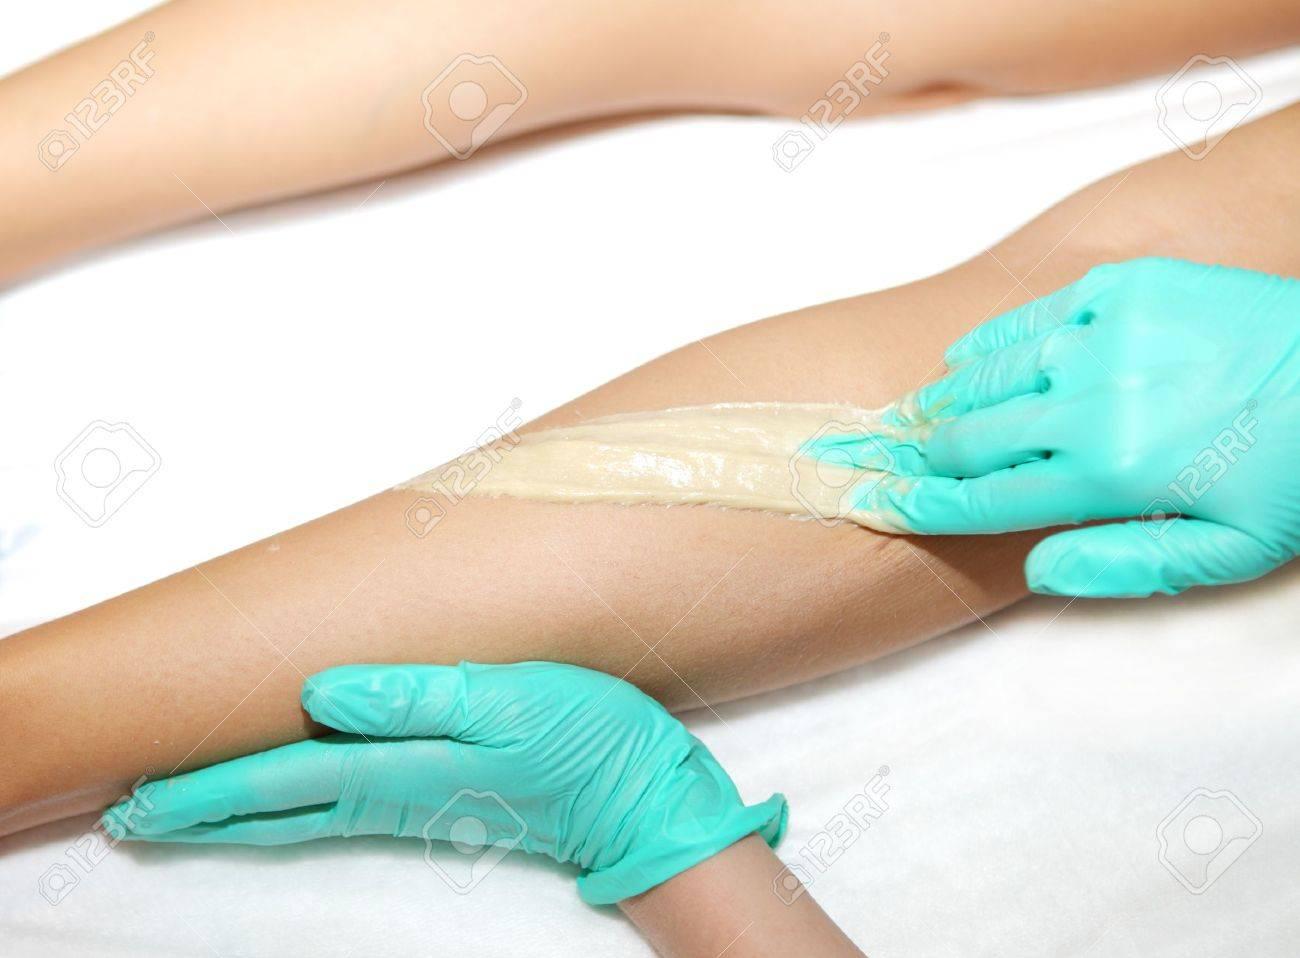 reyting-samih-seksualnih-zvezd-rossii-video